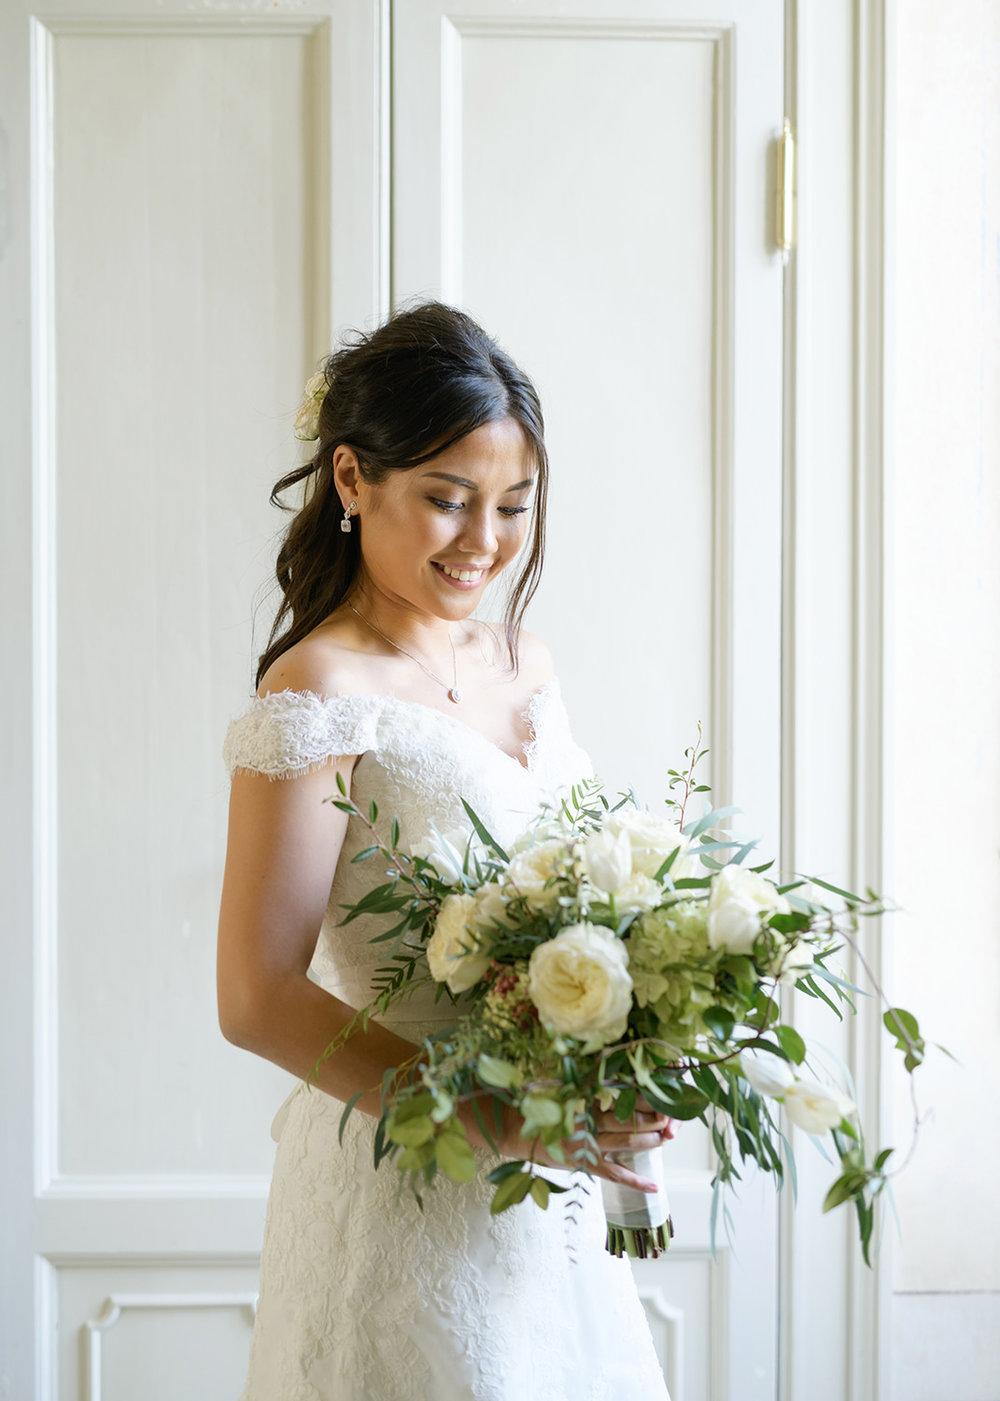 villa-regina-teodolinda-wedding-photographer-C&B-©bottega53-46.JPG